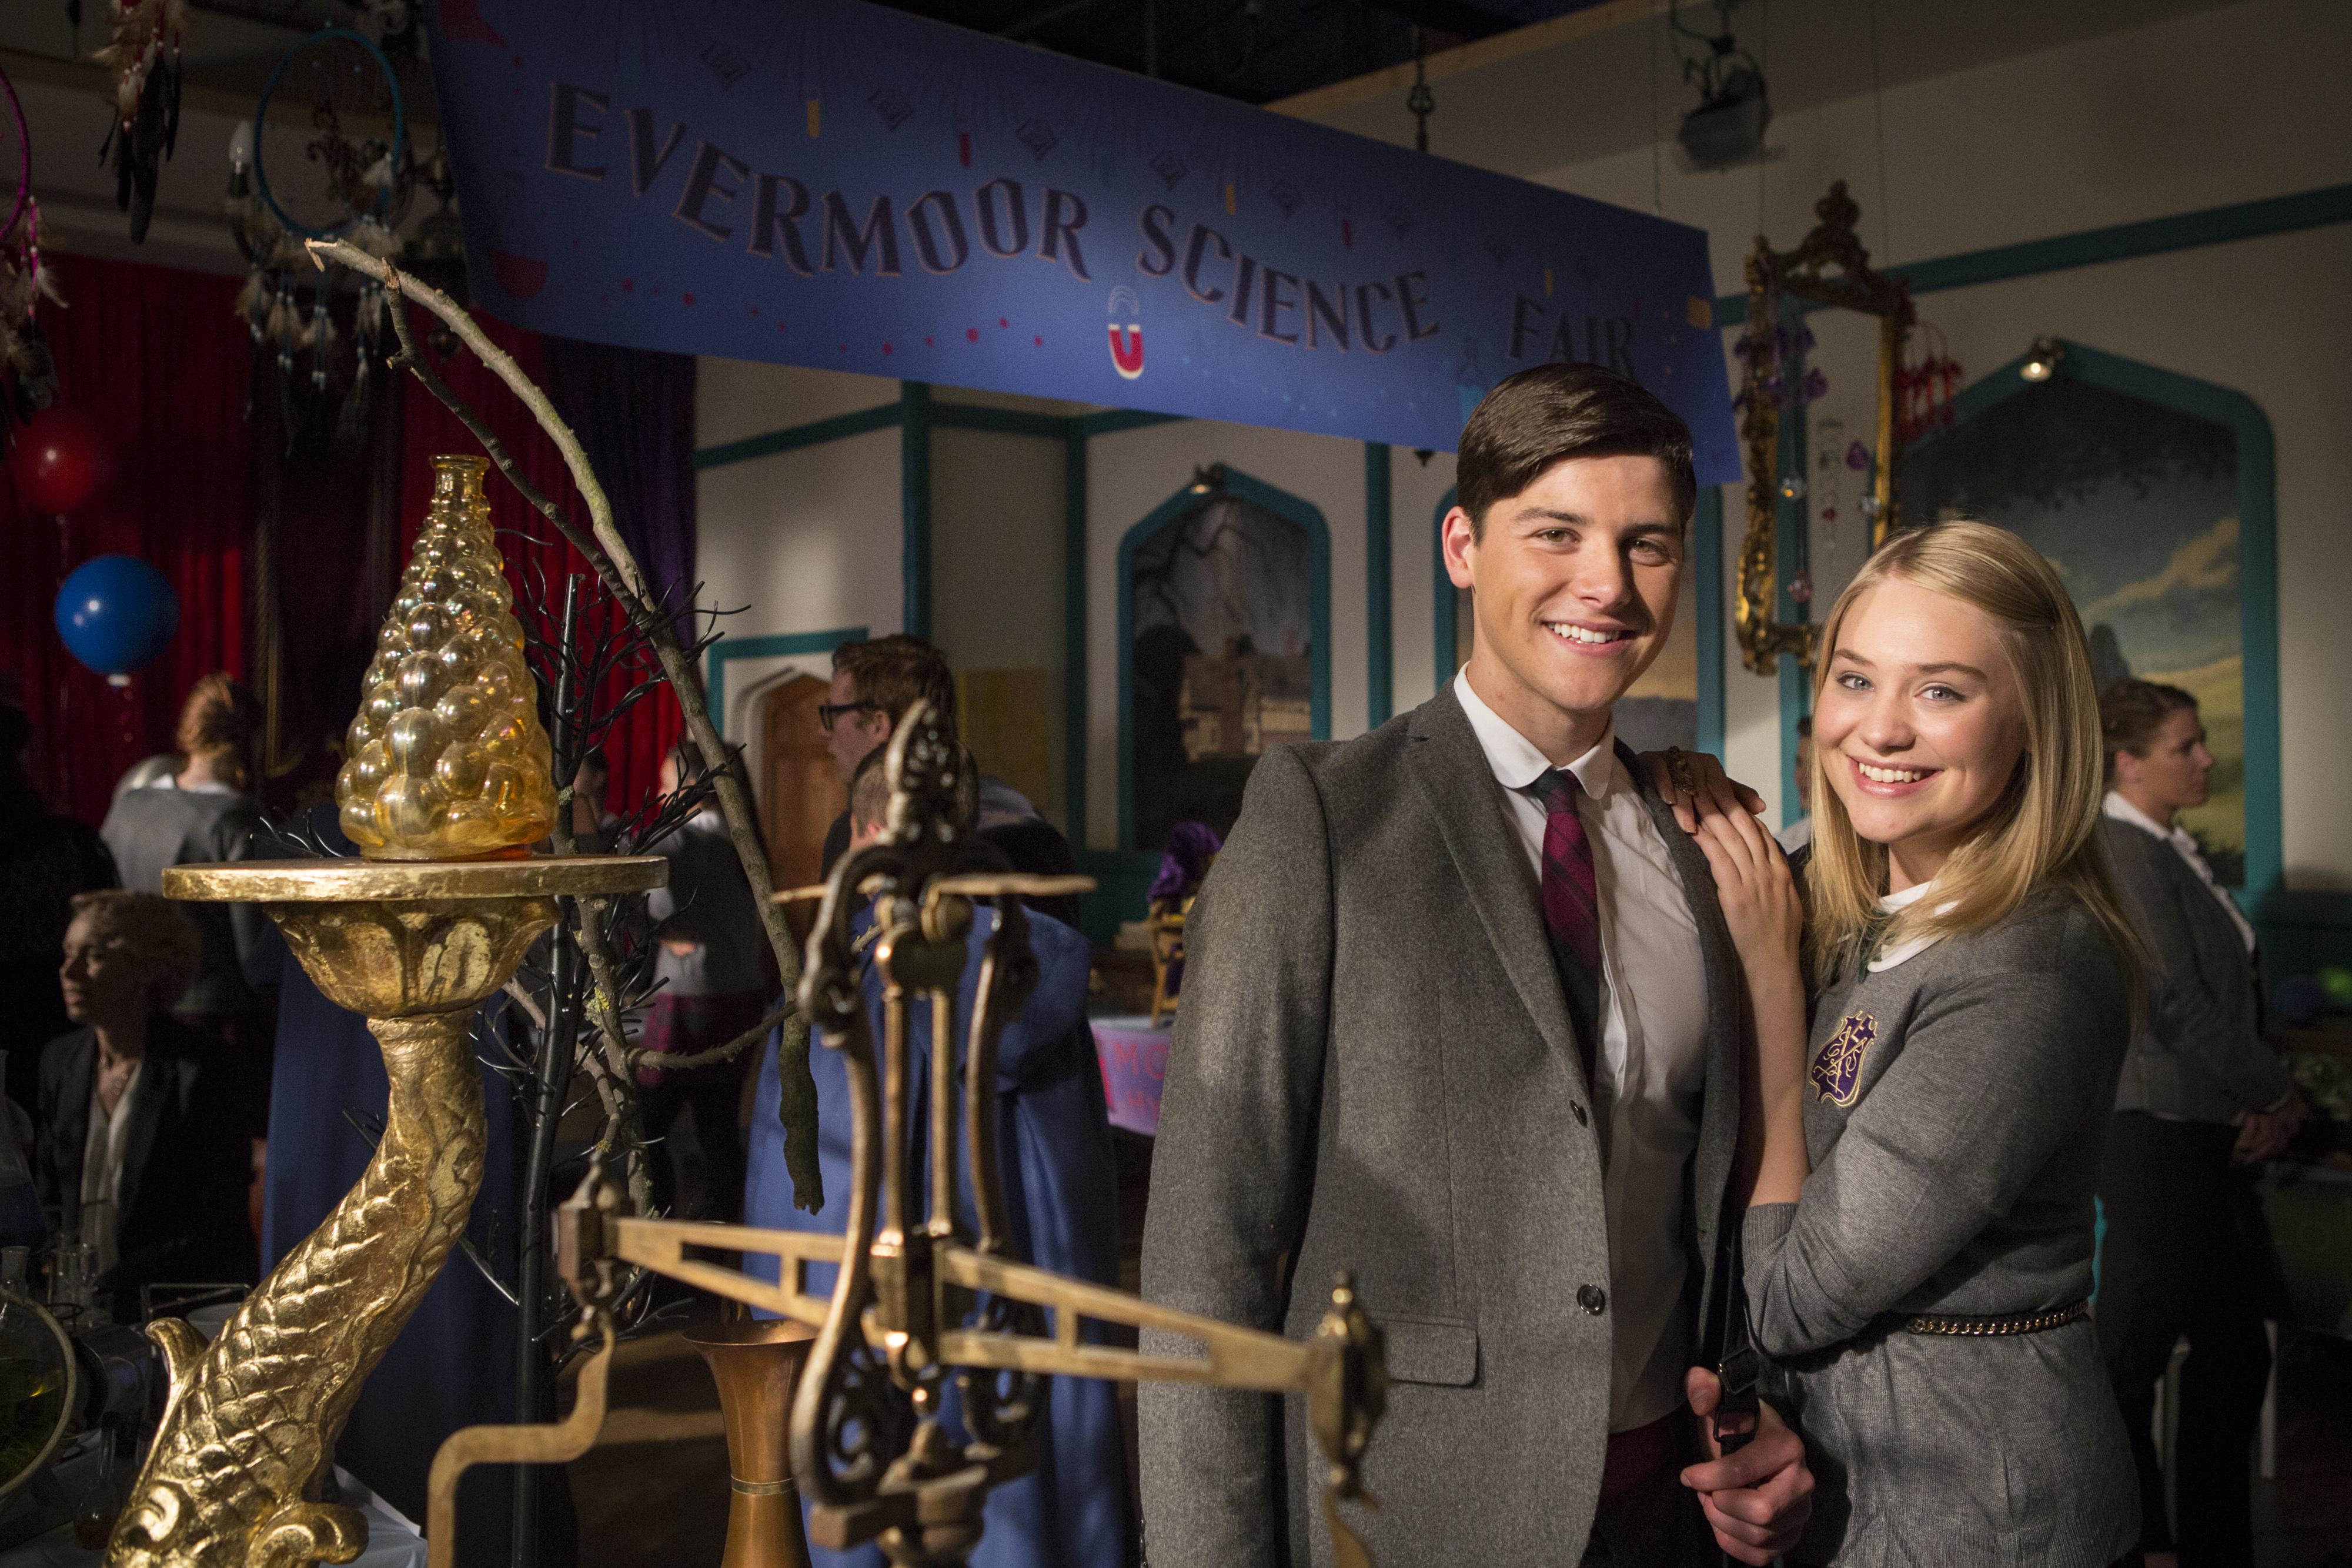 Le Cronache di Evermoor: una scena della serie fantasy con Georgia Lock